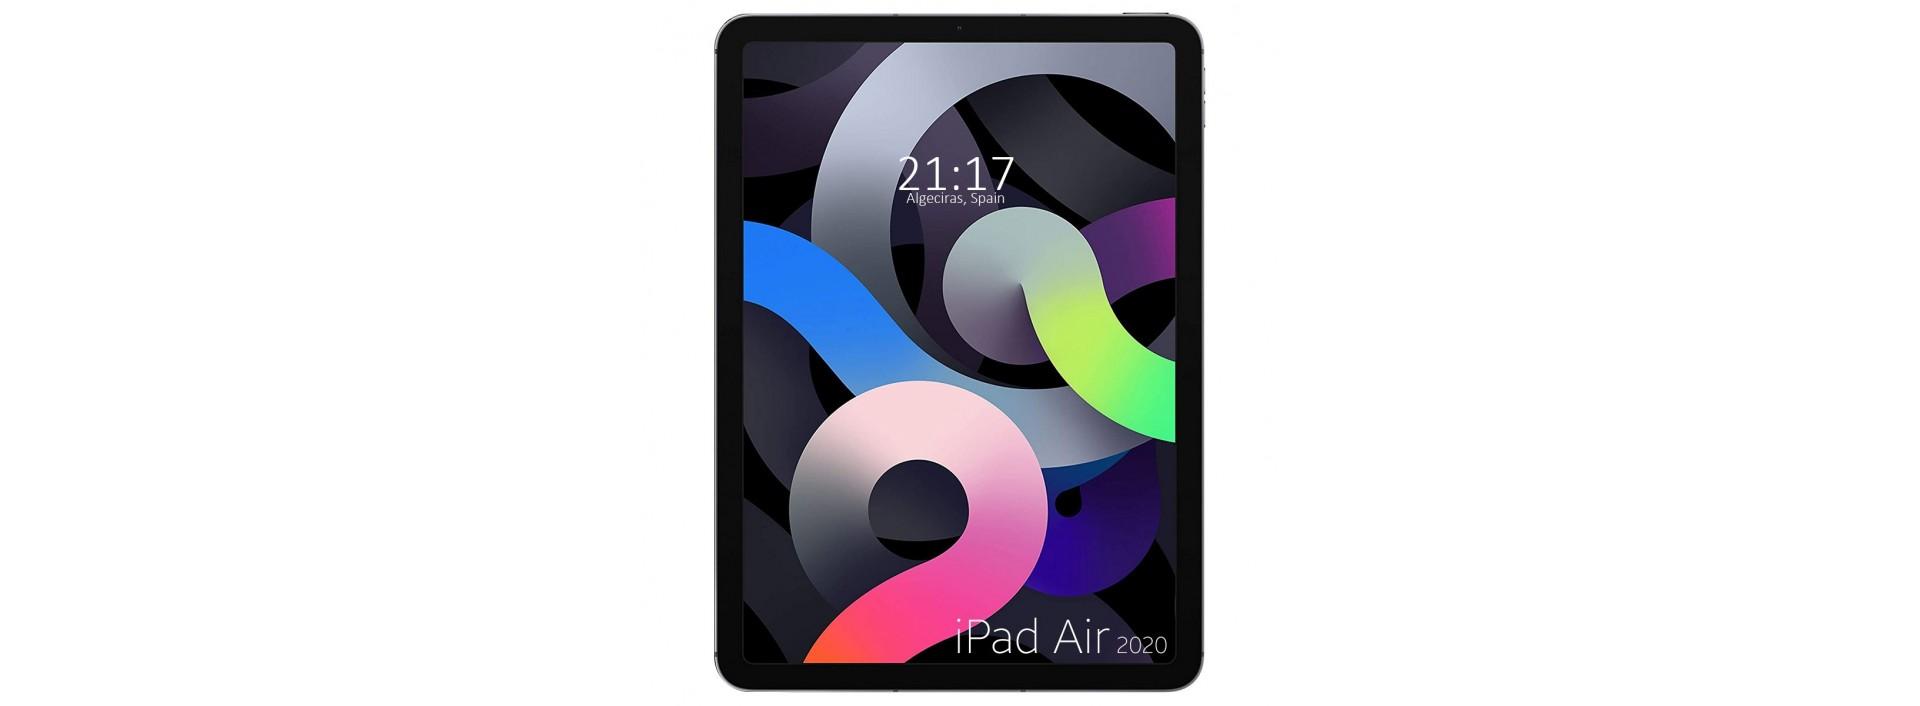 iPad Air 10.9 (2020) 4ª Gen. / iPad Pro 11 (2018) 1ª Gen. Fundas PERSONALIZADAS, el mejor precio y calidad